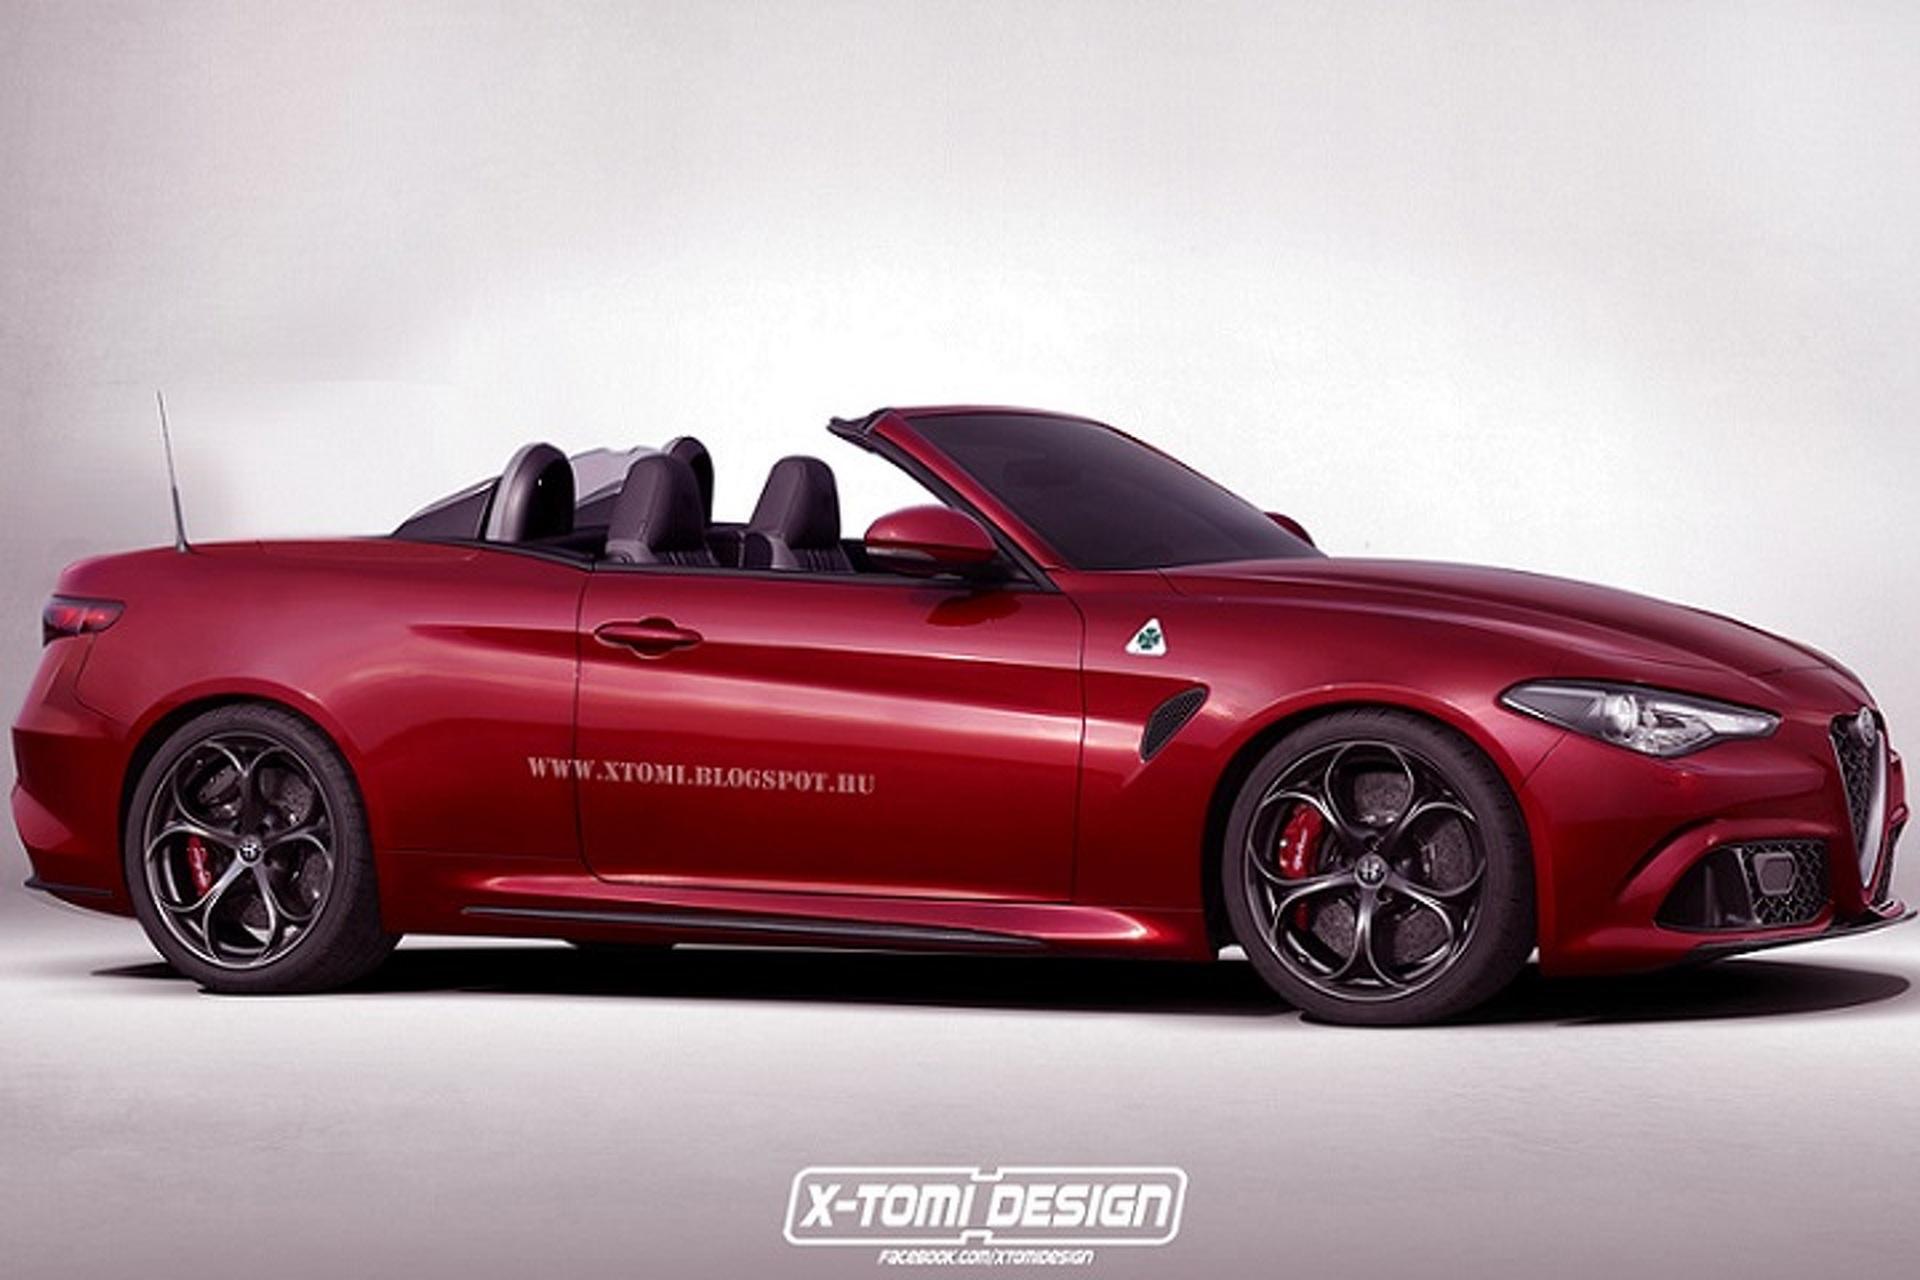 Please Alfa Romeo, Build This Gorgeous Giulia Spyder